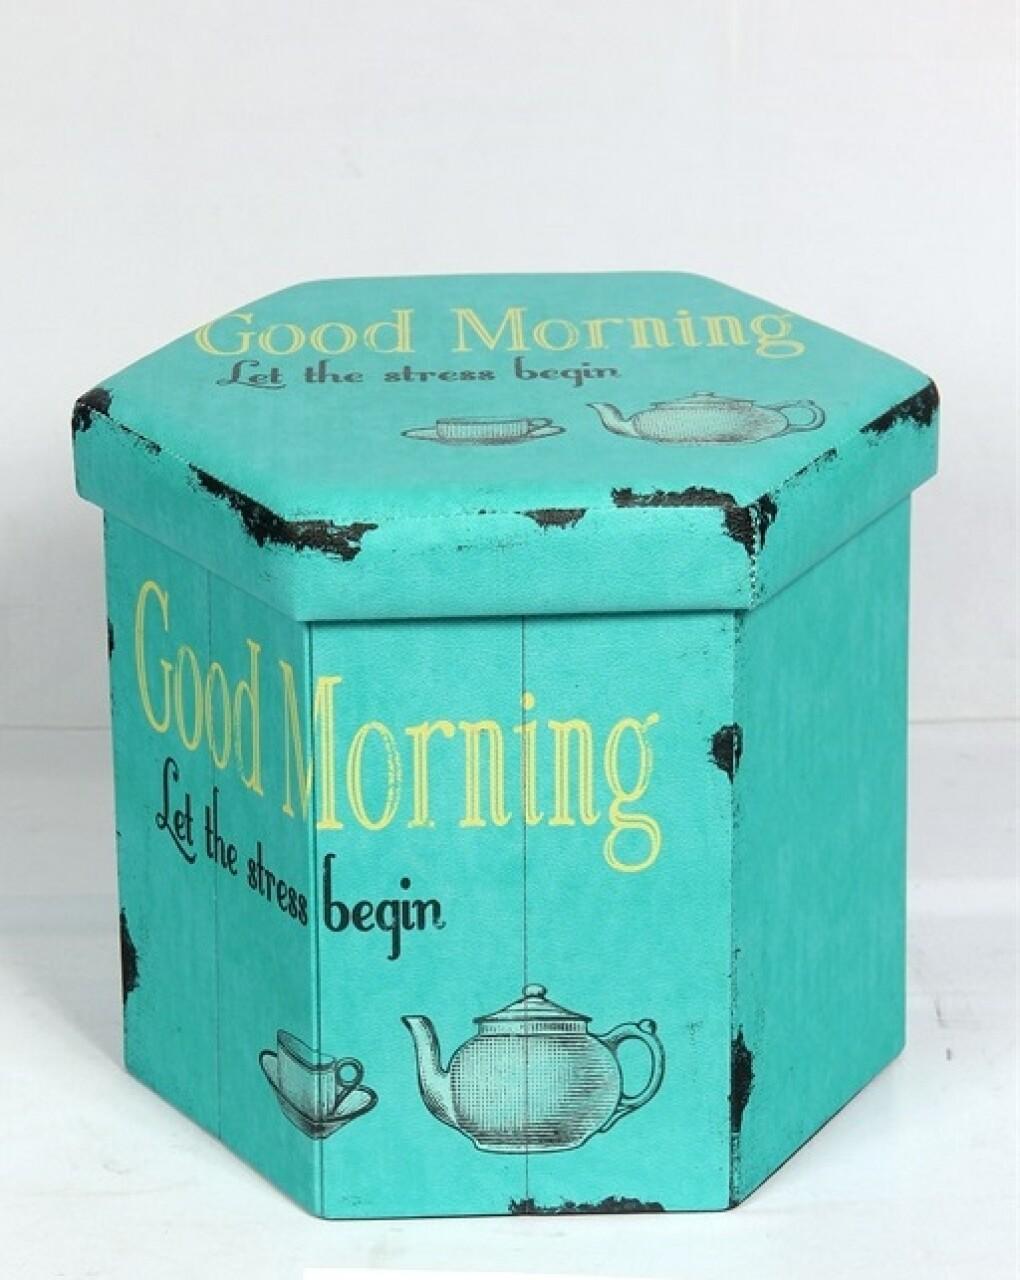 Taburet pliabil cu spatiu de depozitare Tea, Heinner Home, 38 x 38 x 43 cm, PVC, turcoaz